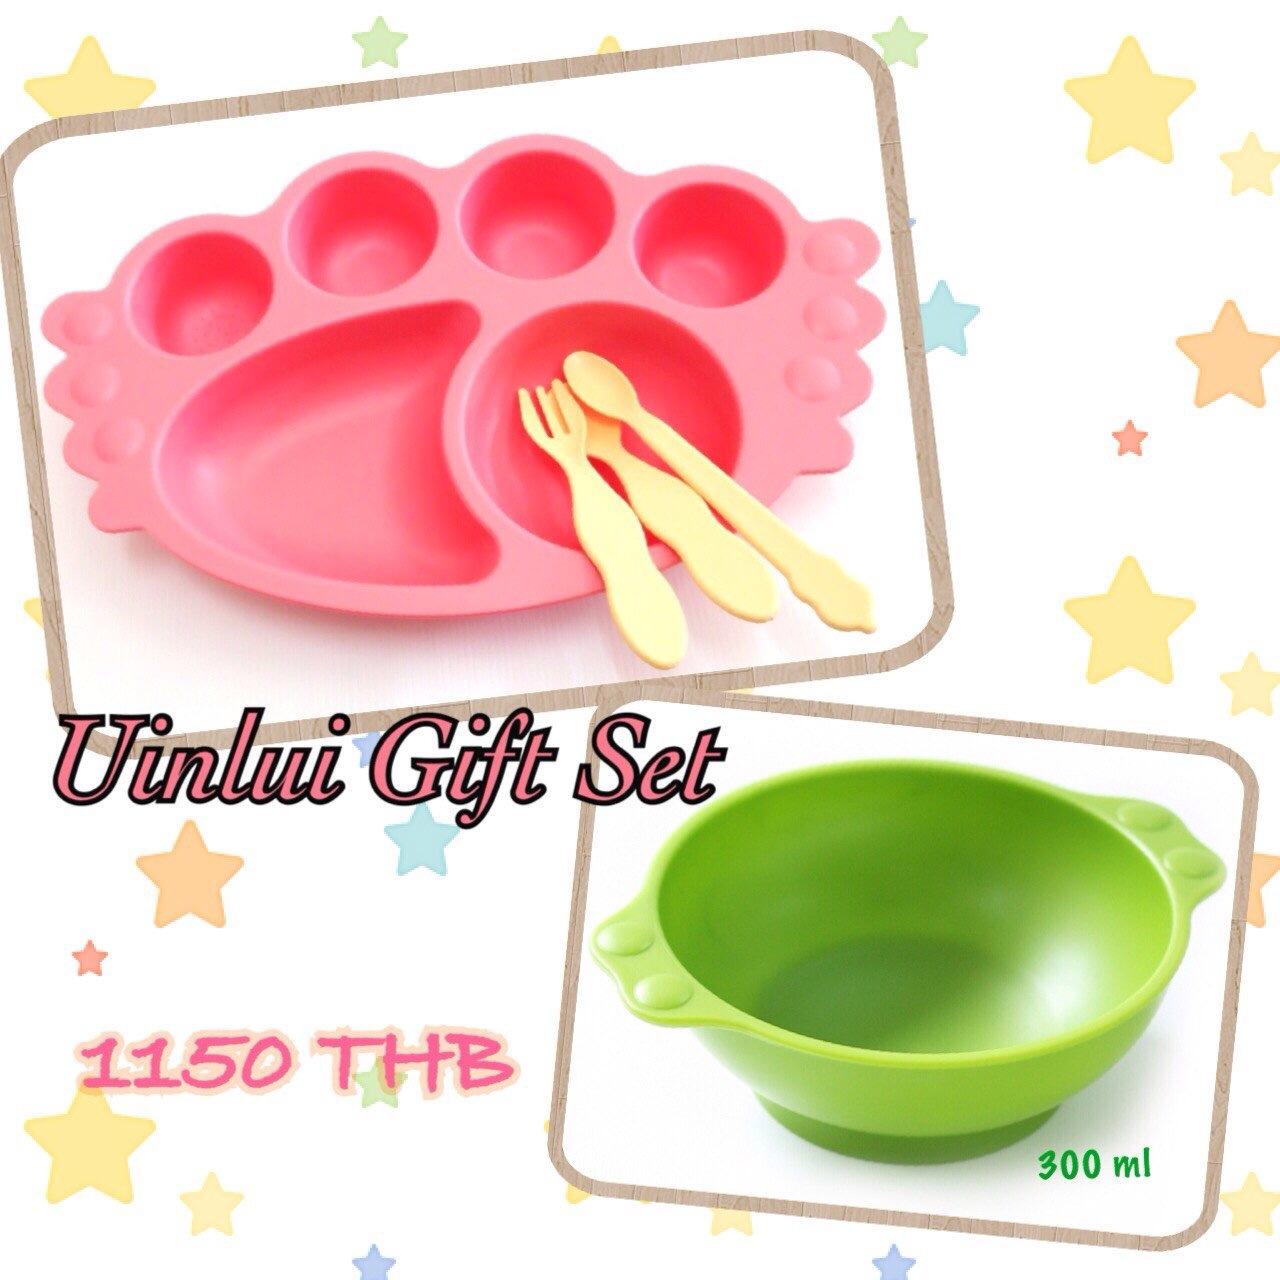 ชุด Special gift set